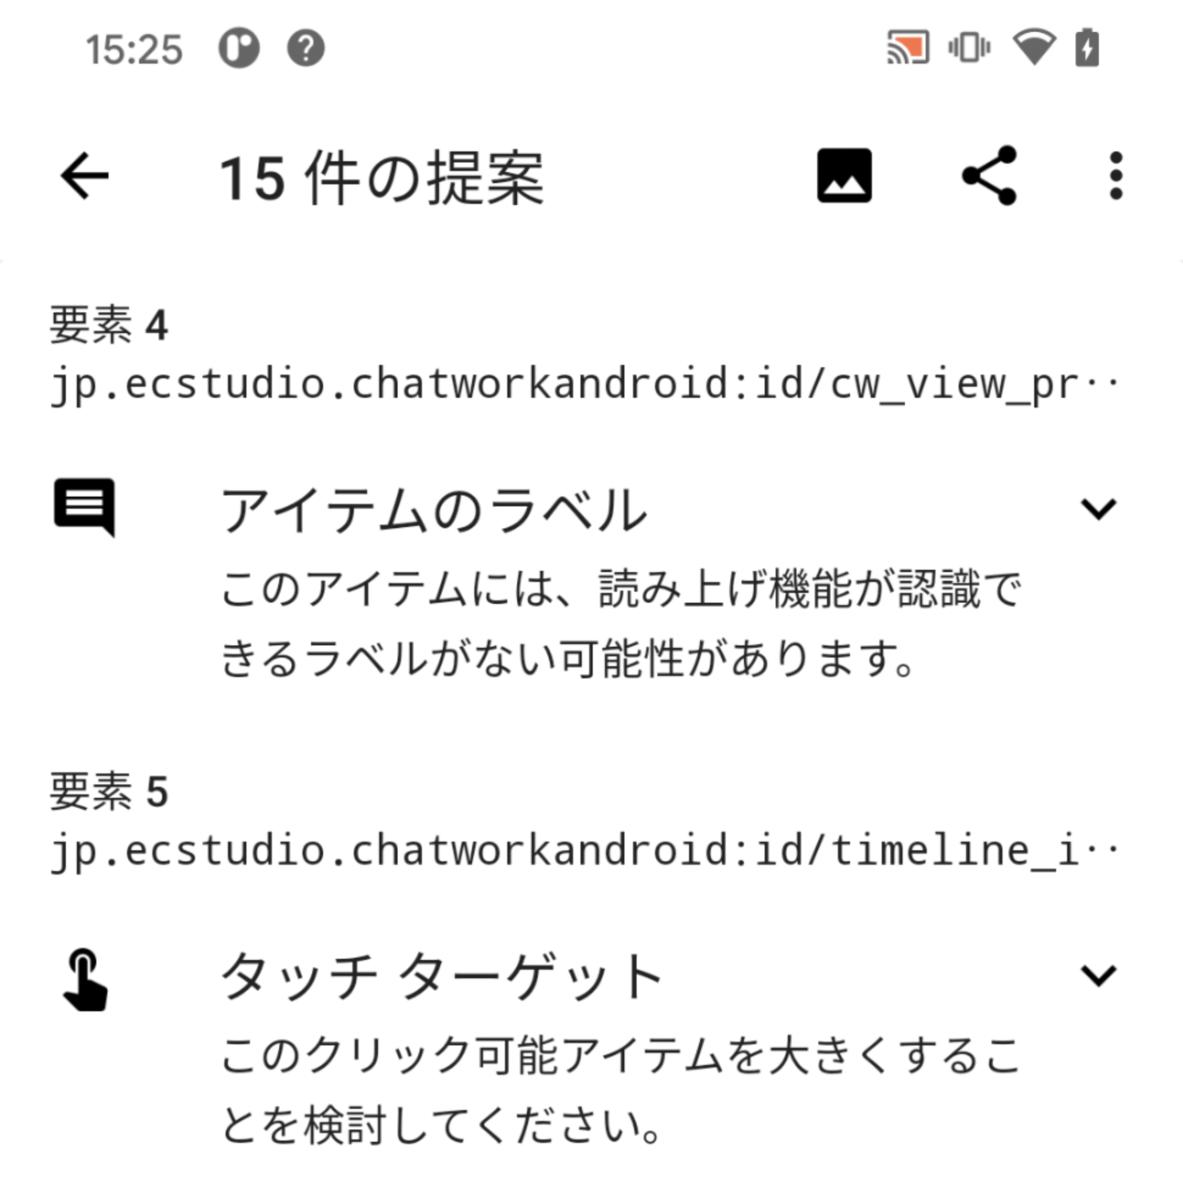 f:id:cw-michihiro:20201216152715p:plain:w500